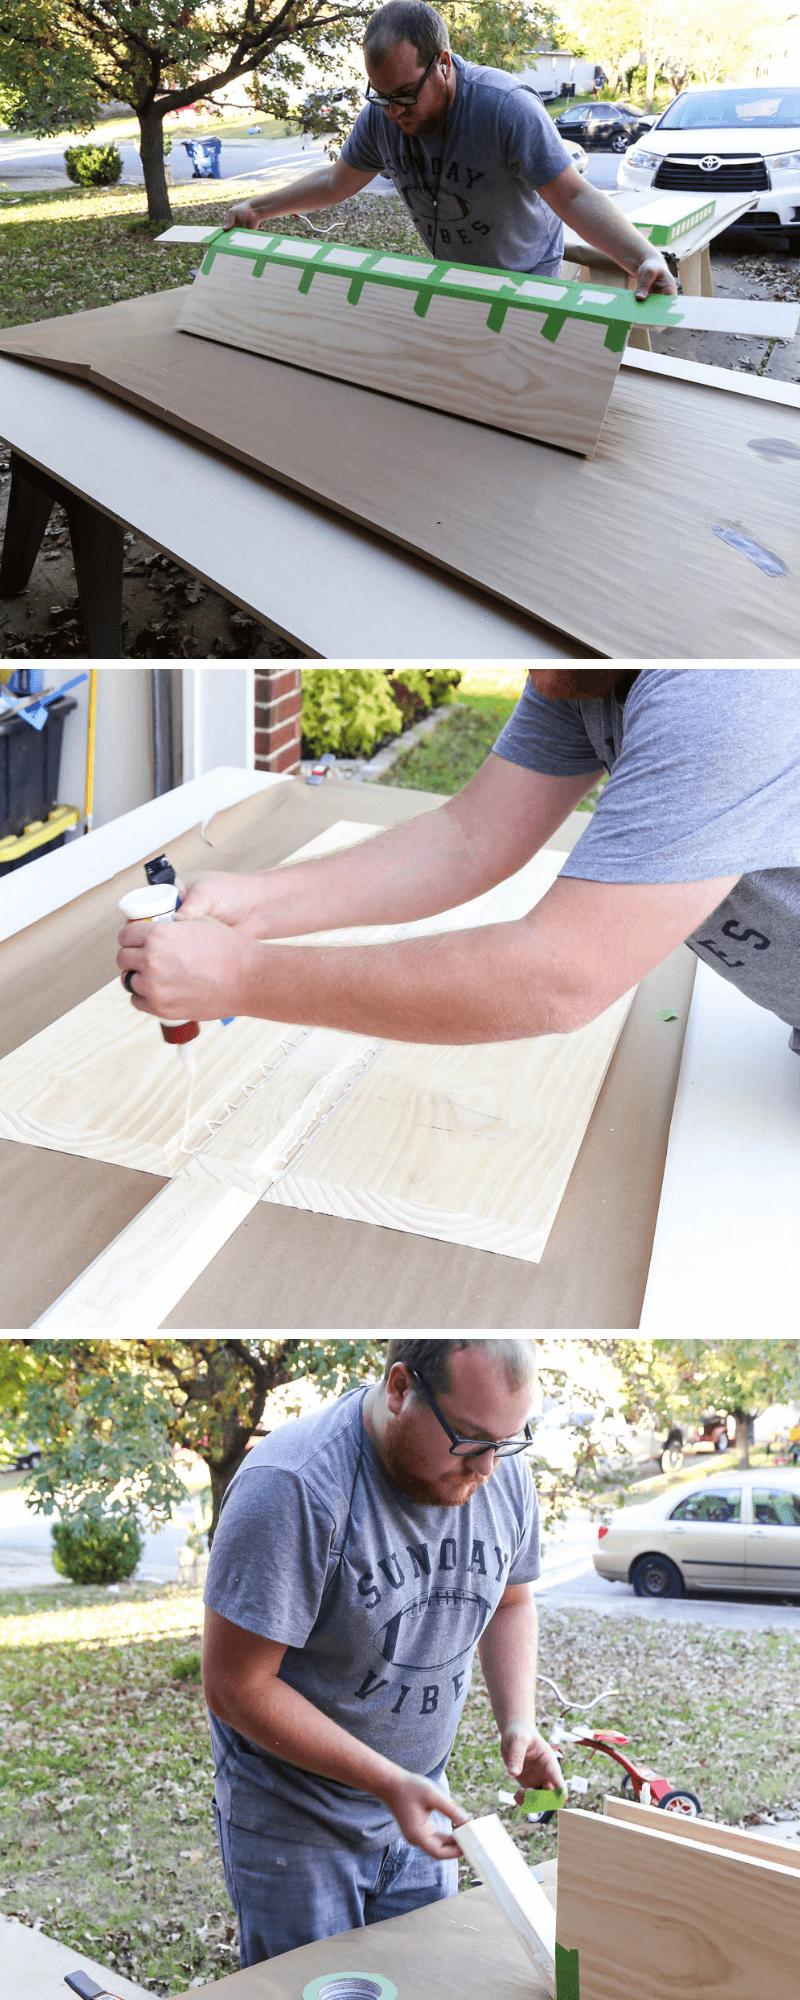 gluing together DIY floating shelves